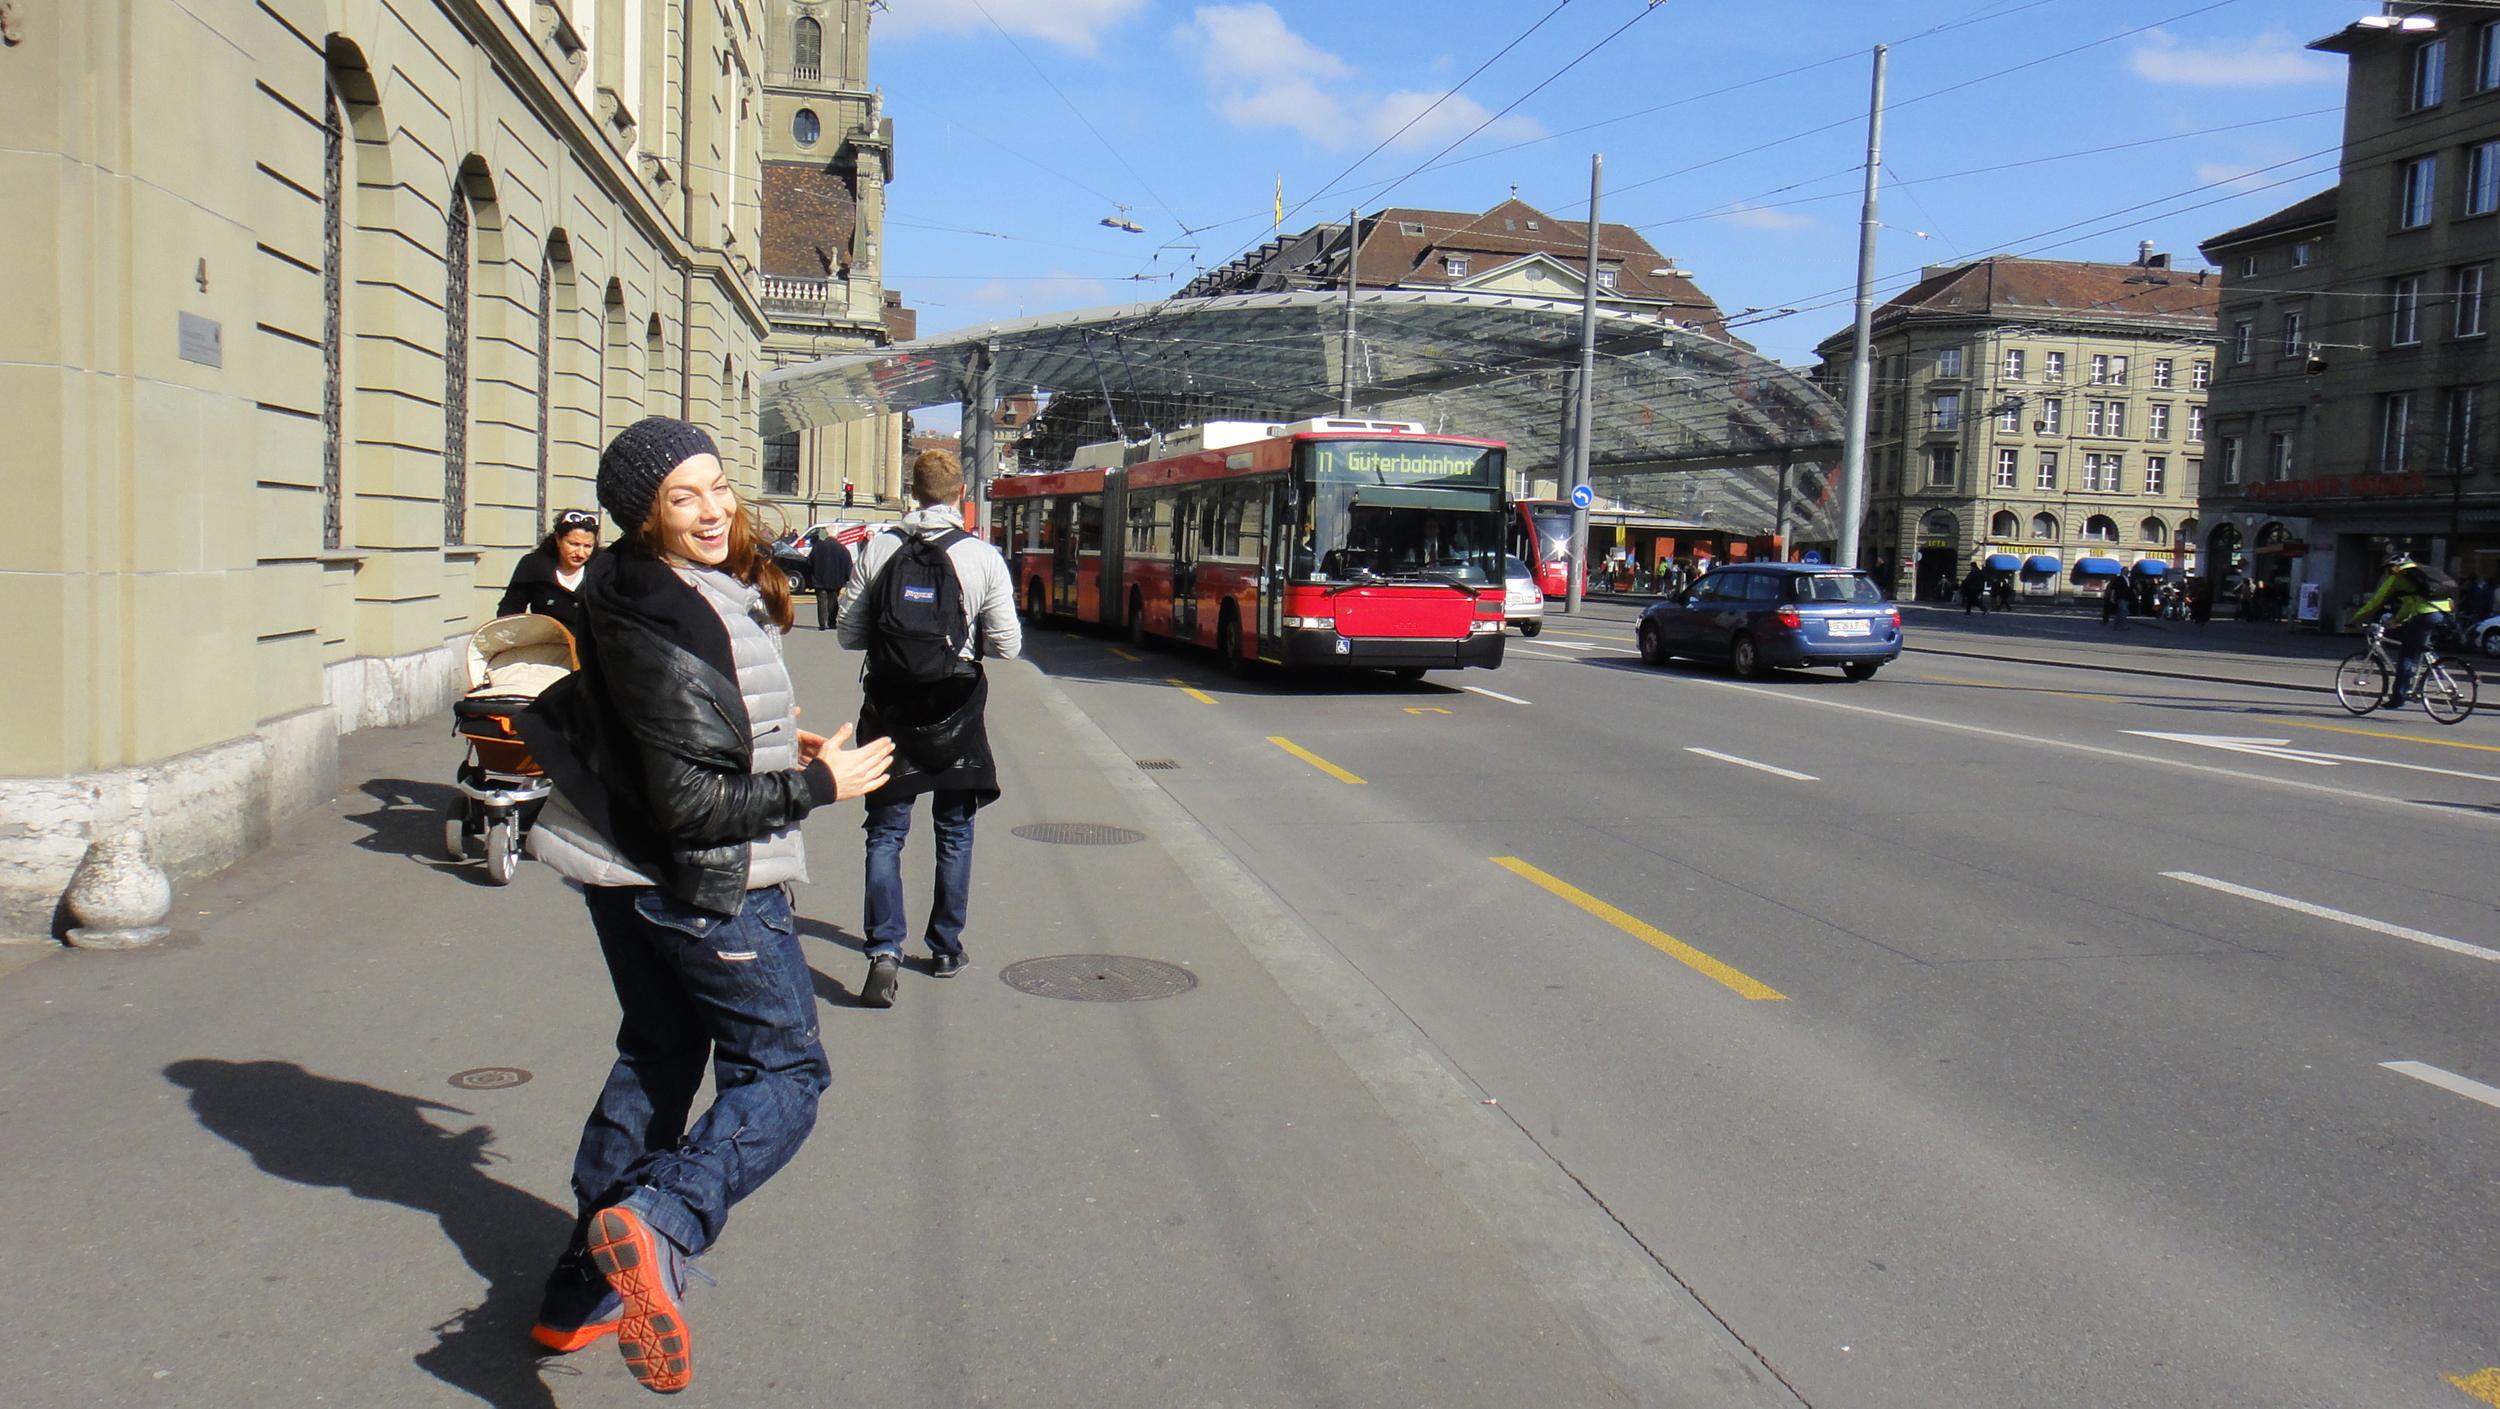 Bern, Switzerland (2011)